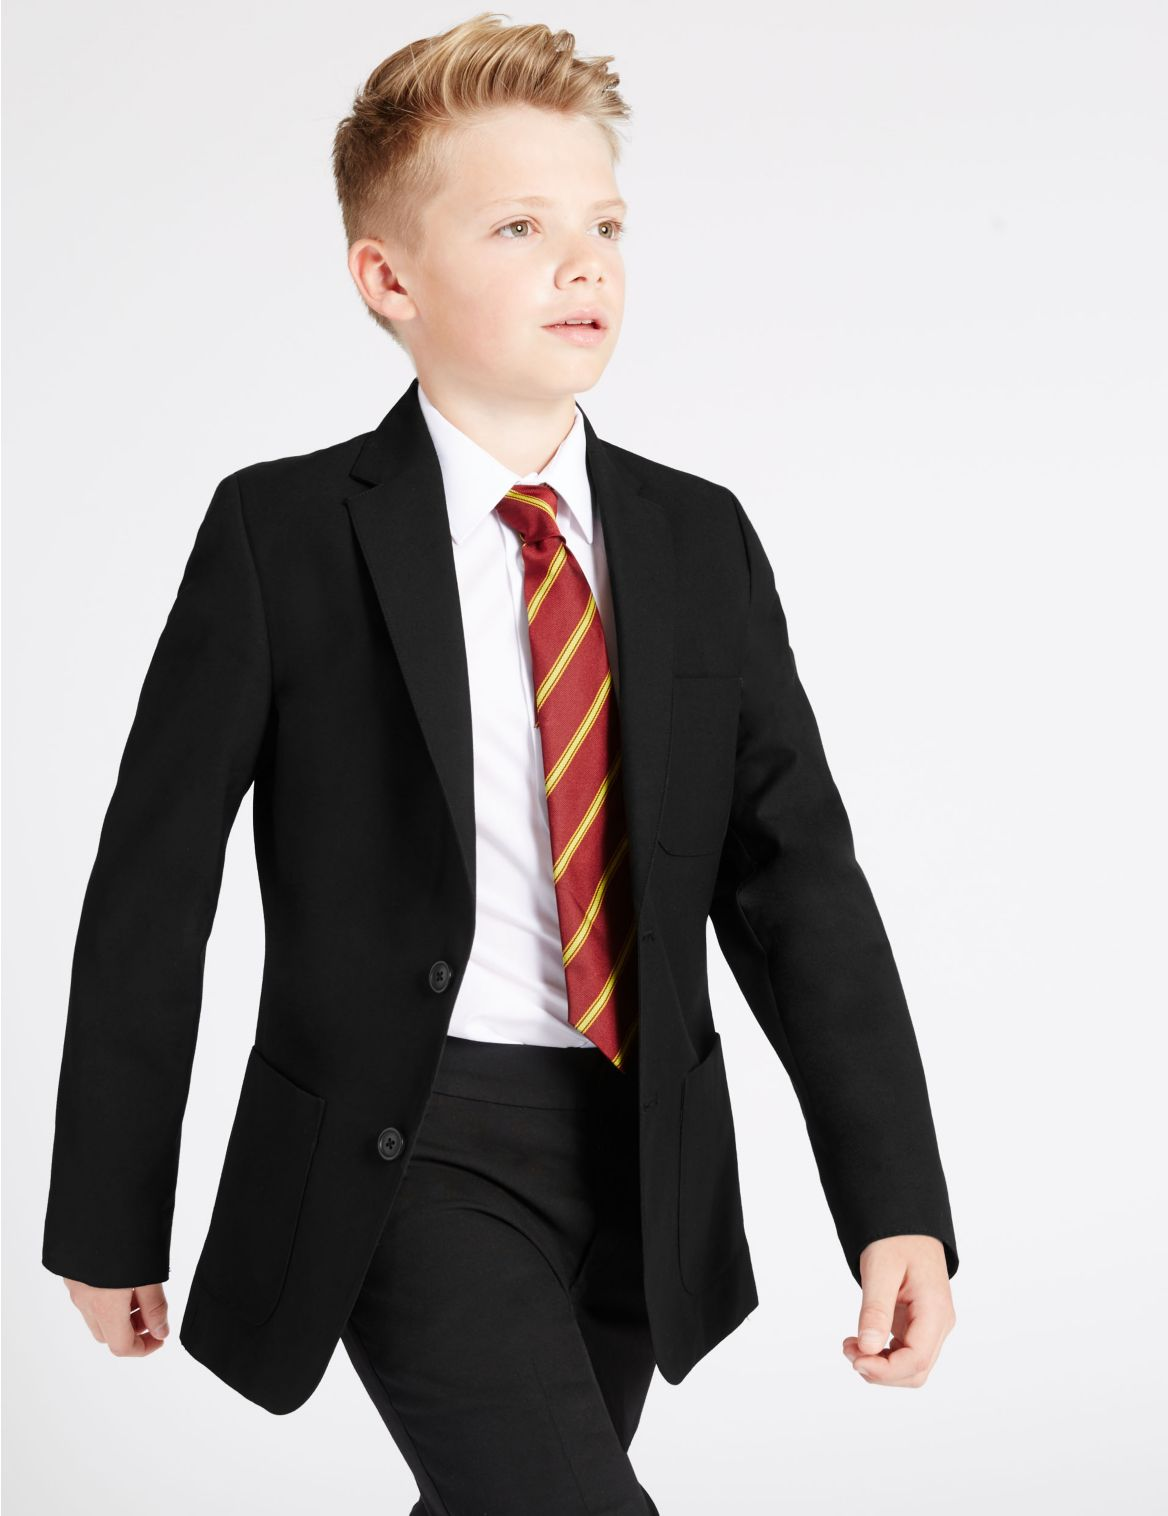 Blazer jeune homme coupe longue. StyleForme du produit:Blazer;Coupe:Coupe standard;Fermeture:Devant boutonn??;Doublure;Longueur des manches:Manches lo